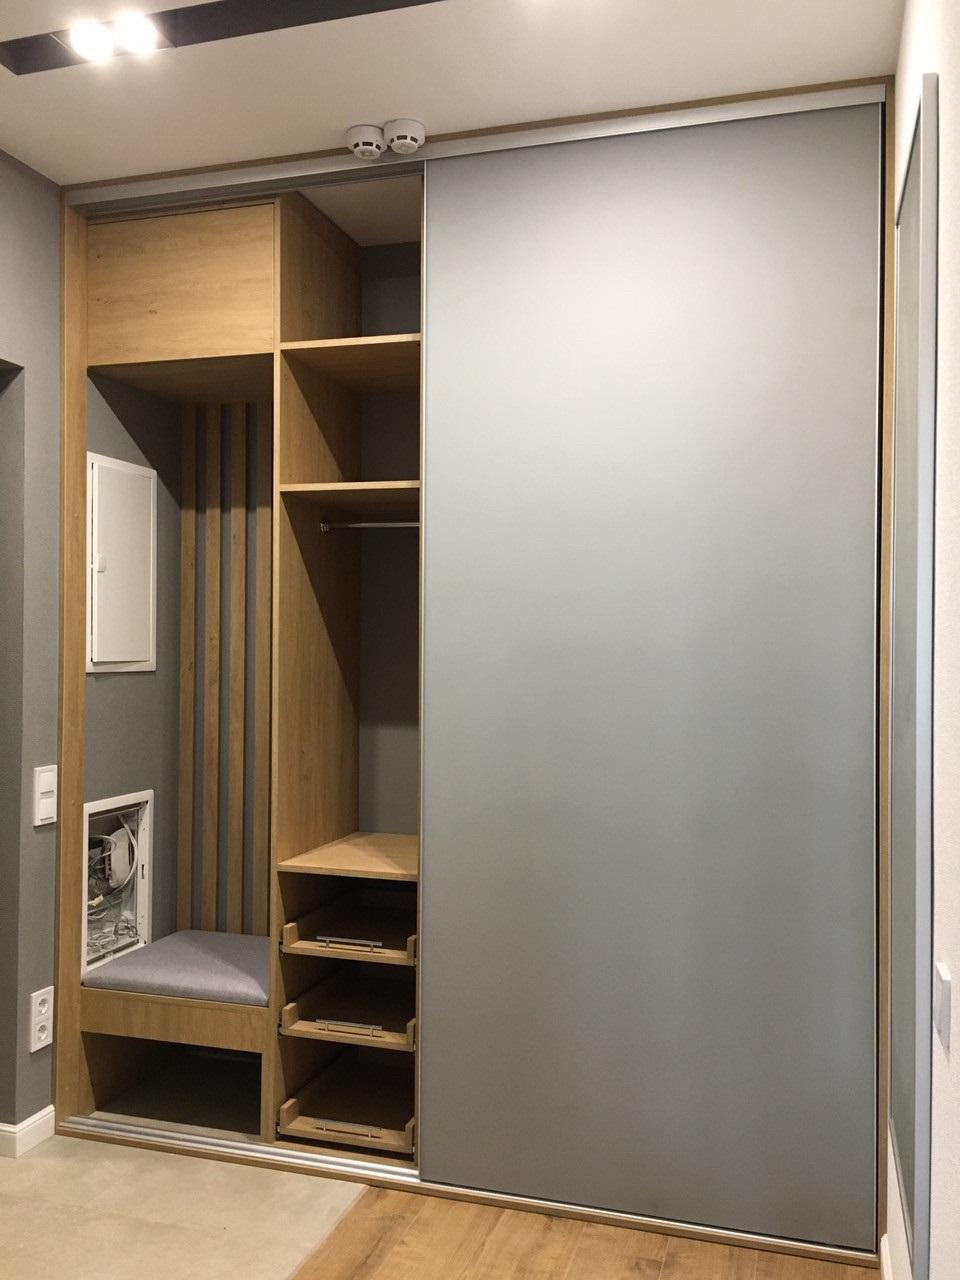 дизайн шкафа-купе внутреннее наполнение